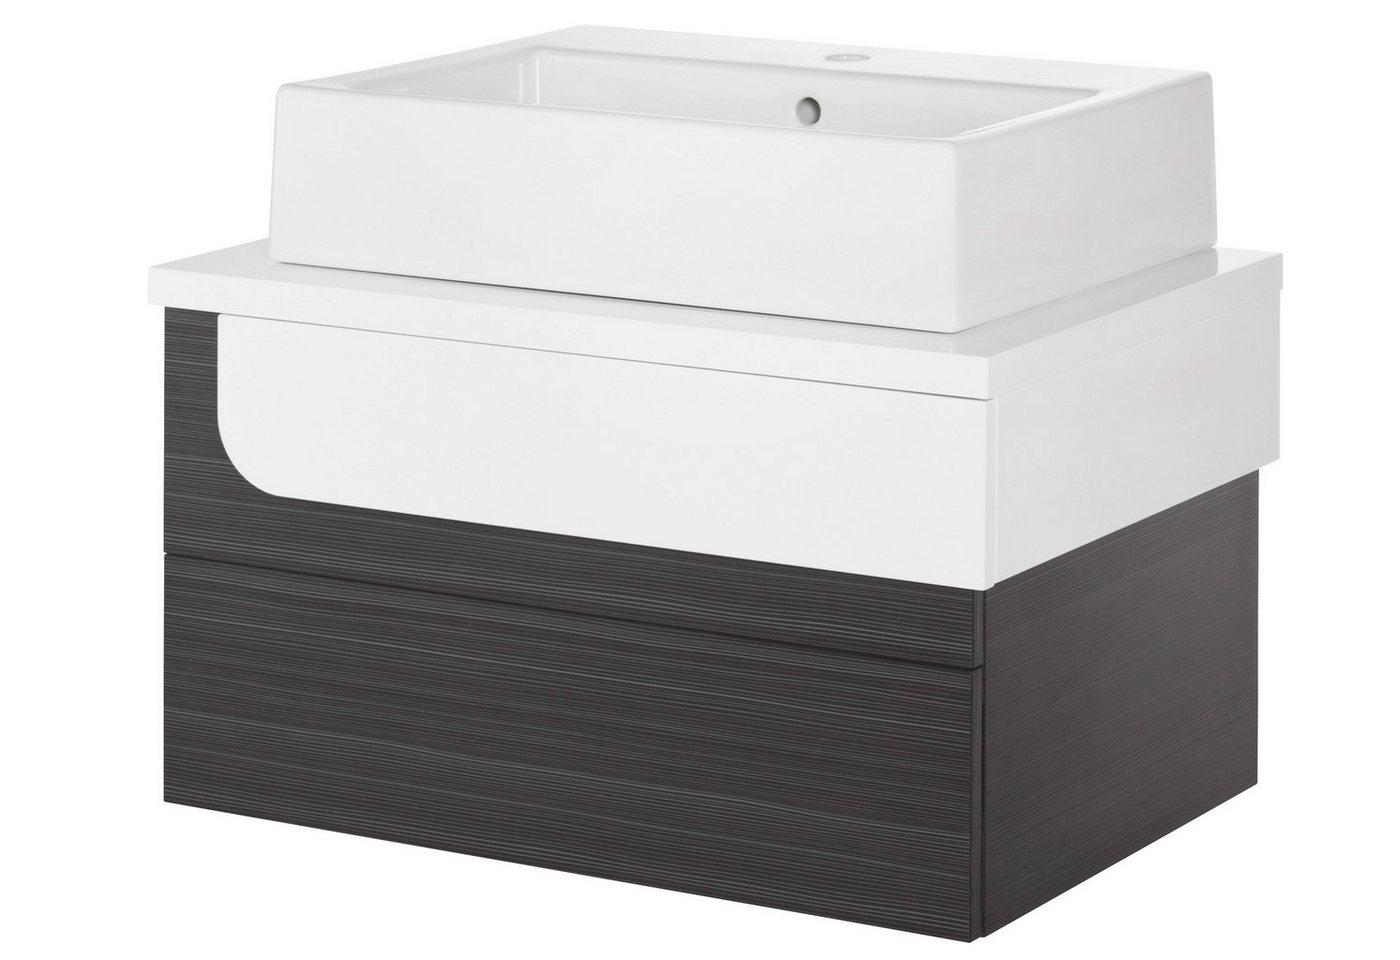 aufsatzwaschbecken 60 cm preisvergleiche. Black Bedroom Furniture Sets. Home Design Ideas